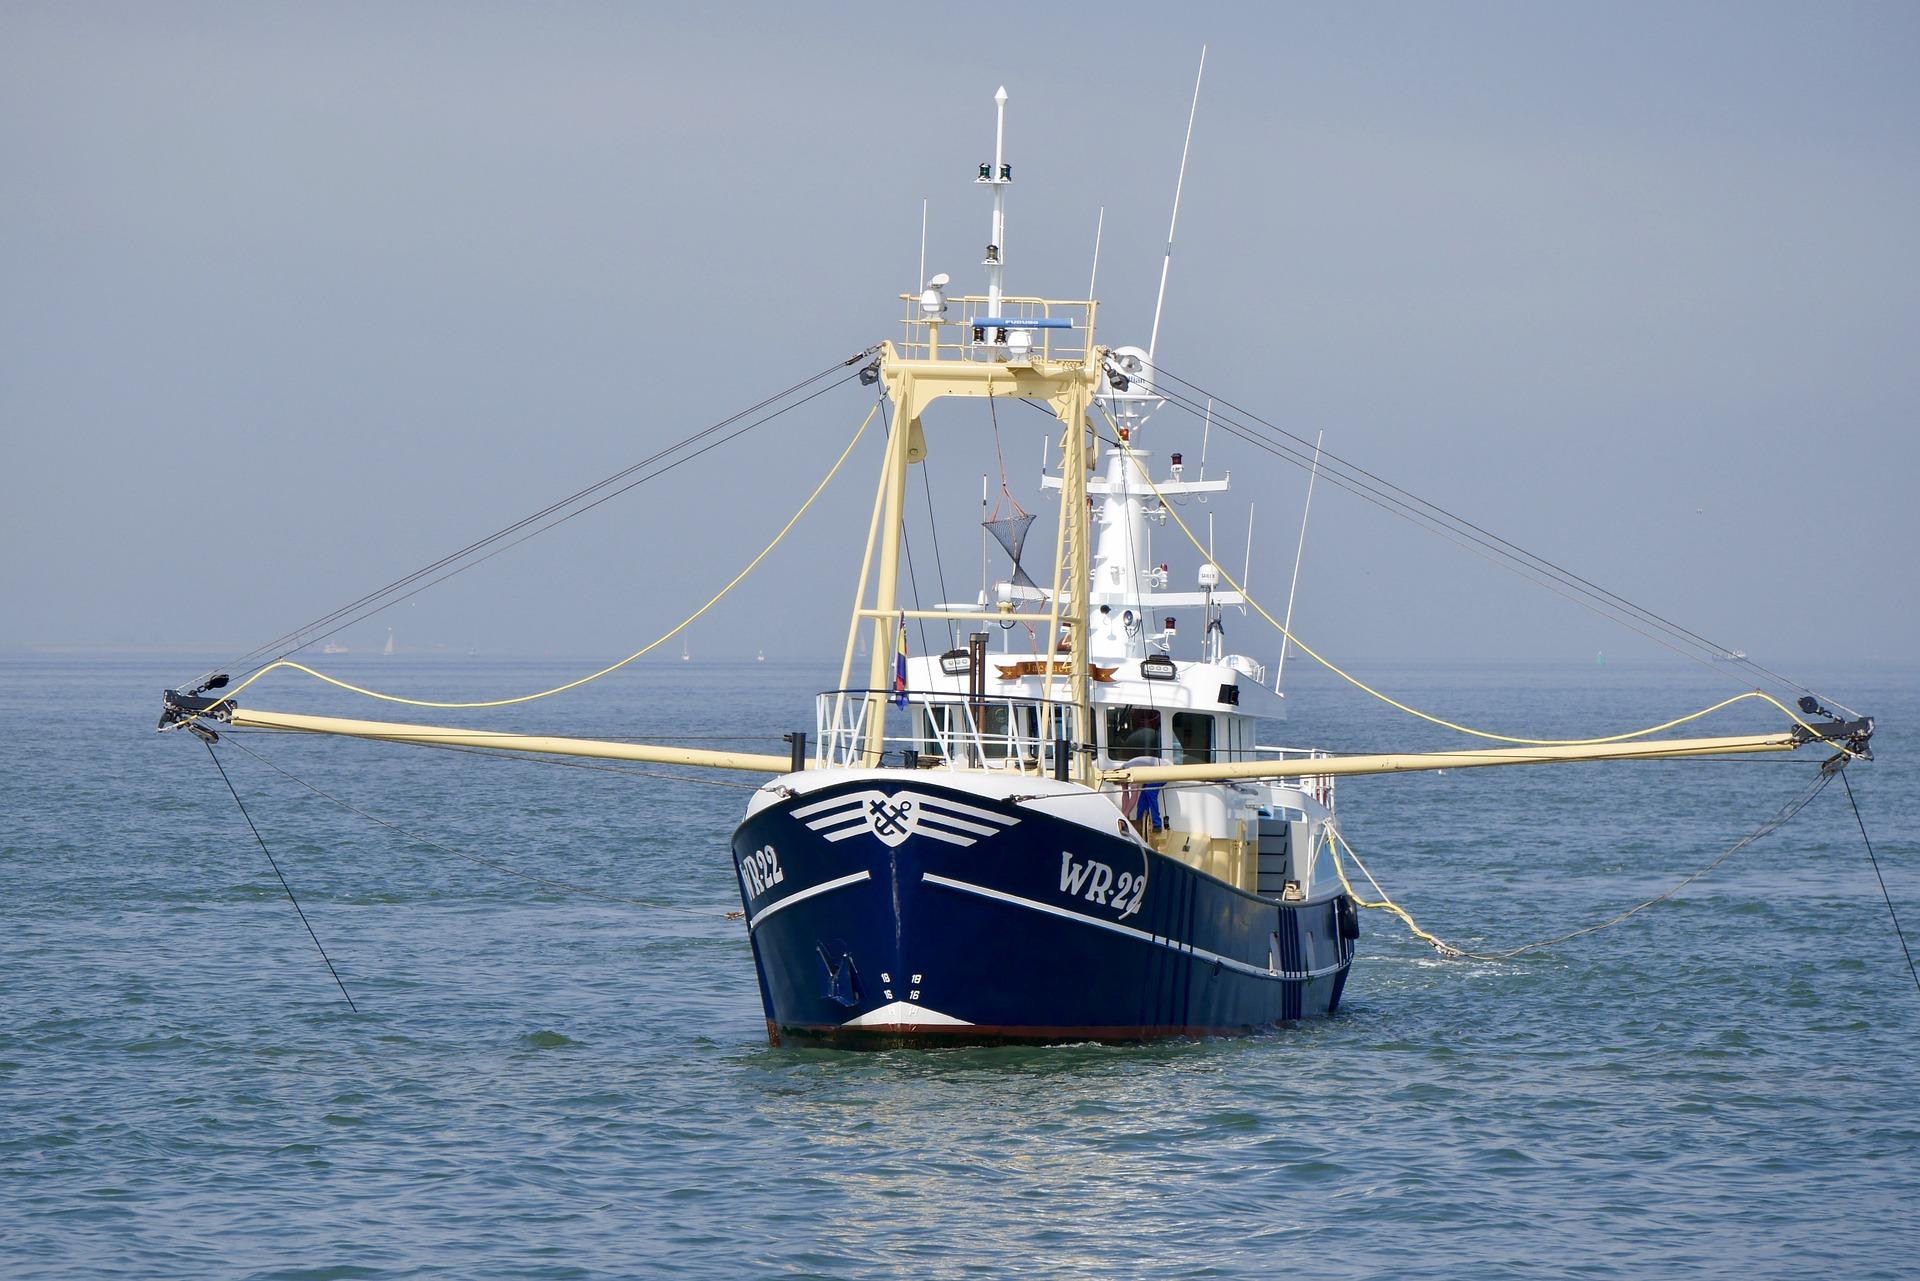 shrimp-4806398_1920.jpg